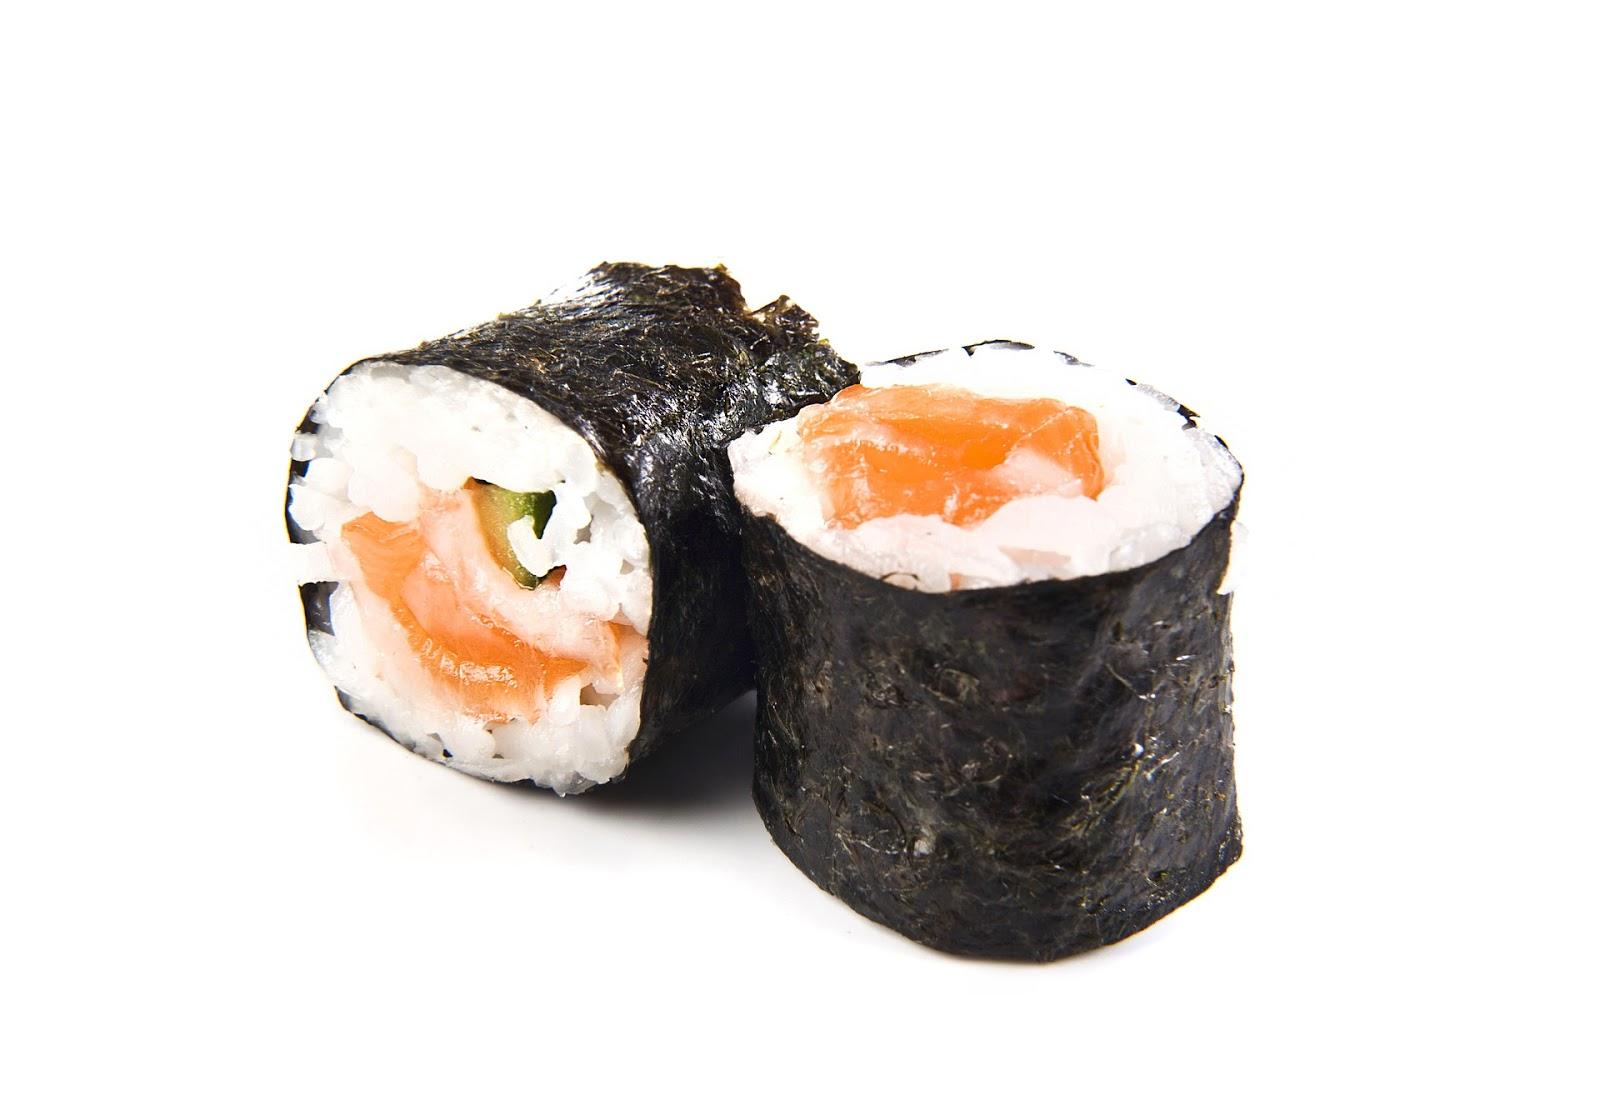 artikel magazin testberichte und ratgeber maki sushi selber machen rezepte und anleitungen. Black Bedroom Furniture Sets. Home Design Ideas